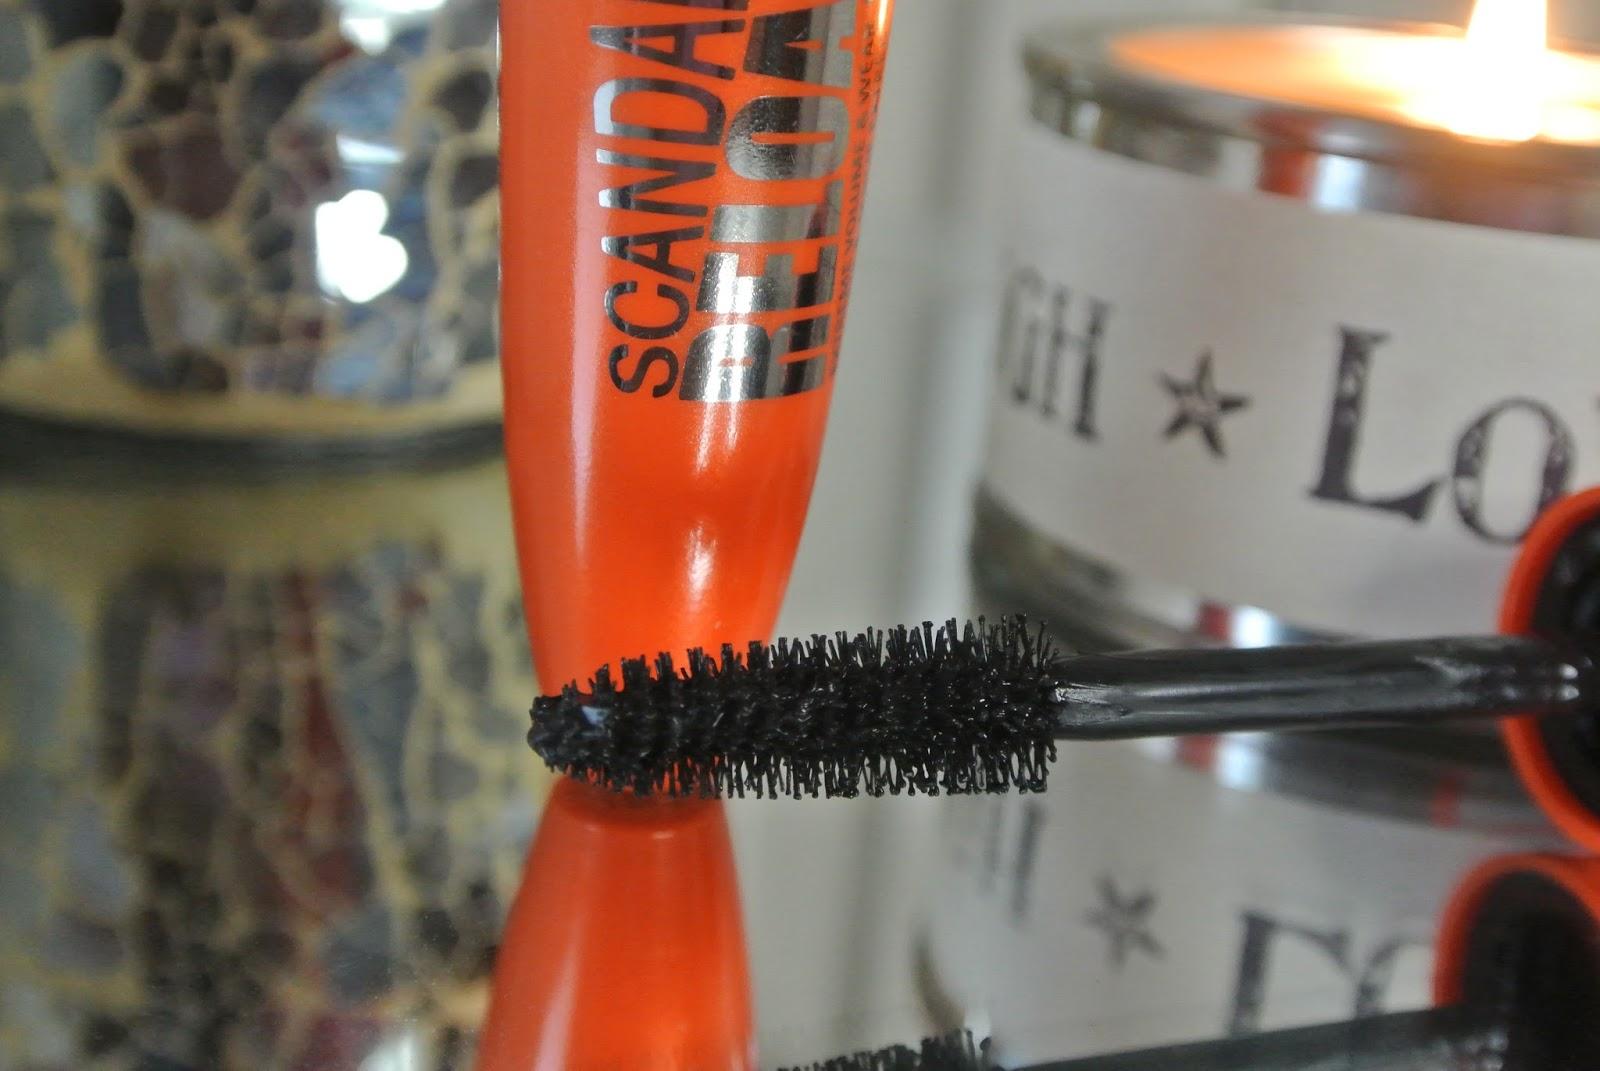 Rimmel Scandaleyes Reloaded Mascara in Black Image